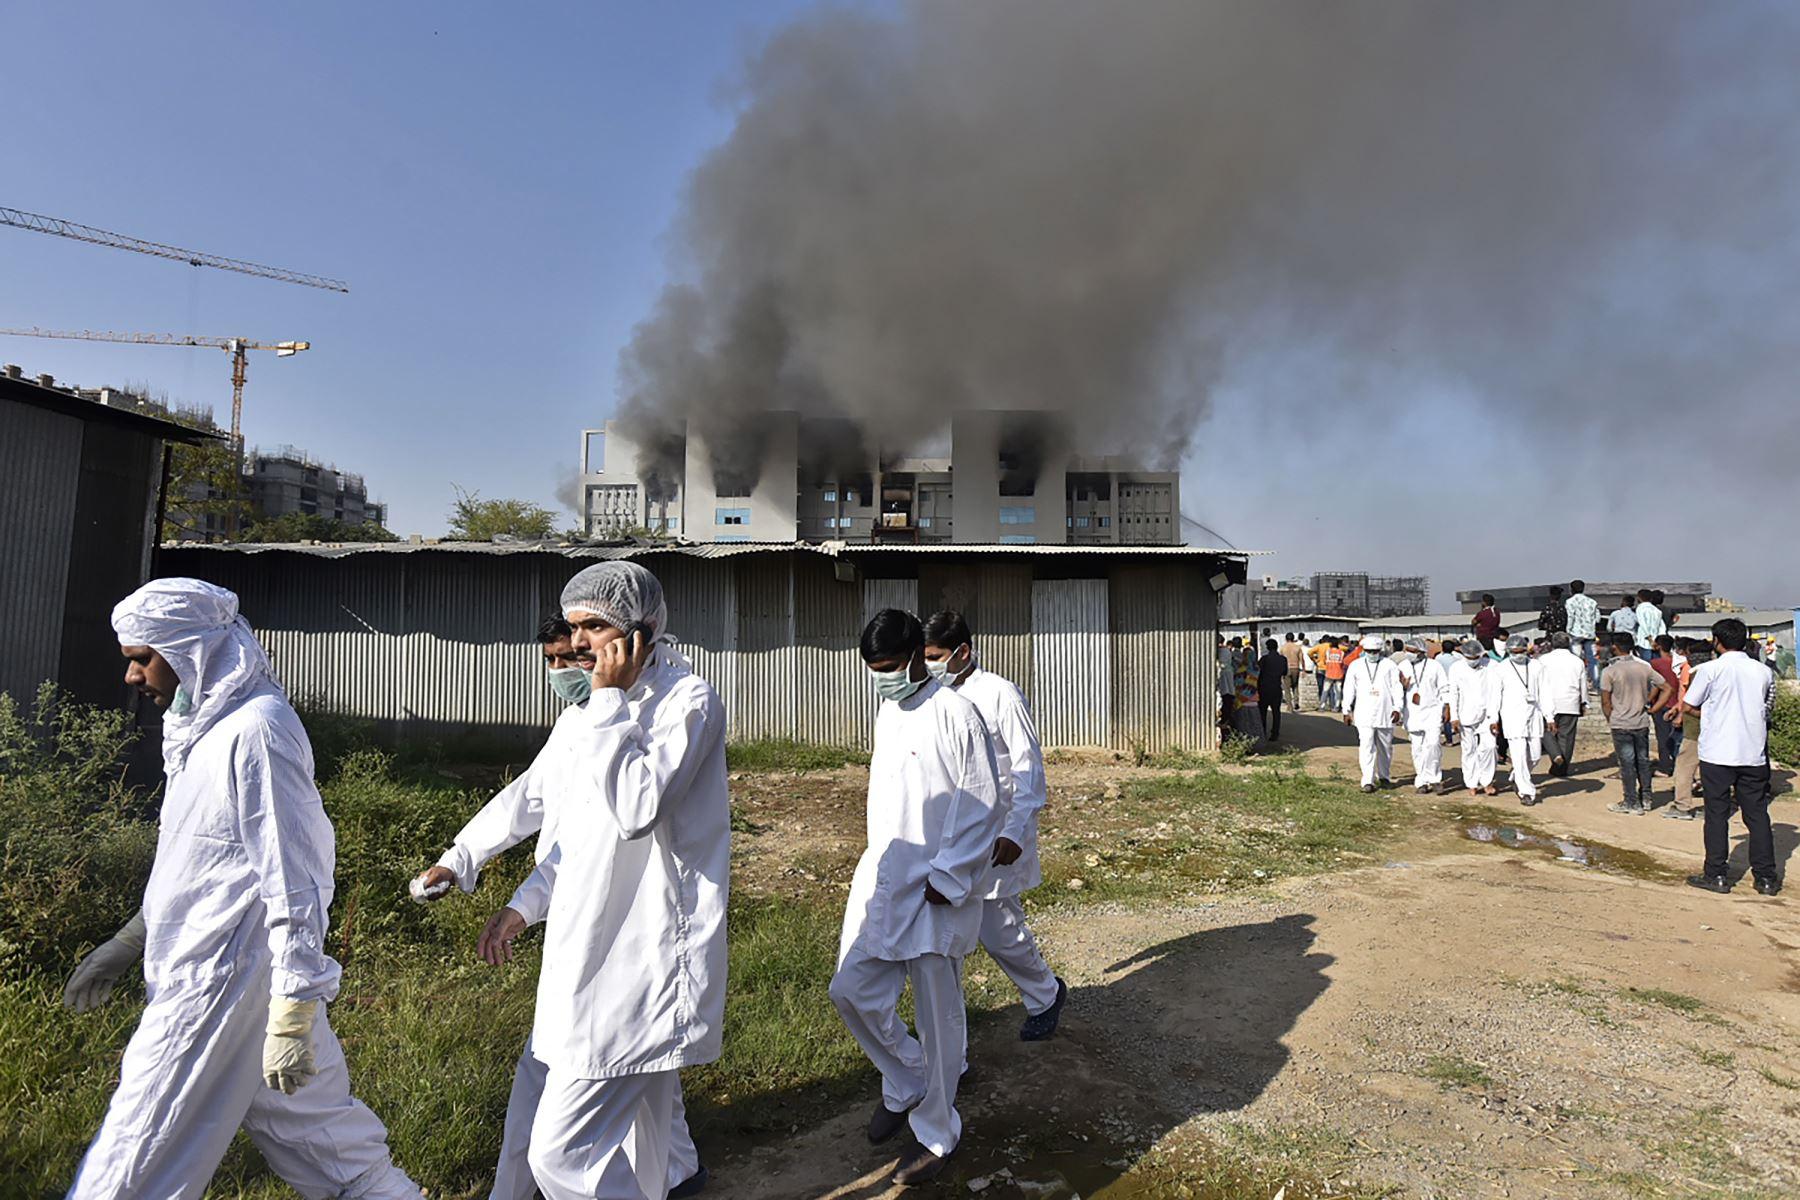 Los trabajadores con equipo de protección caminan después de que estalló un incendio en el Serum Institute de India en  el mayor fabricante de vacunas del mundo. Foto: AFP